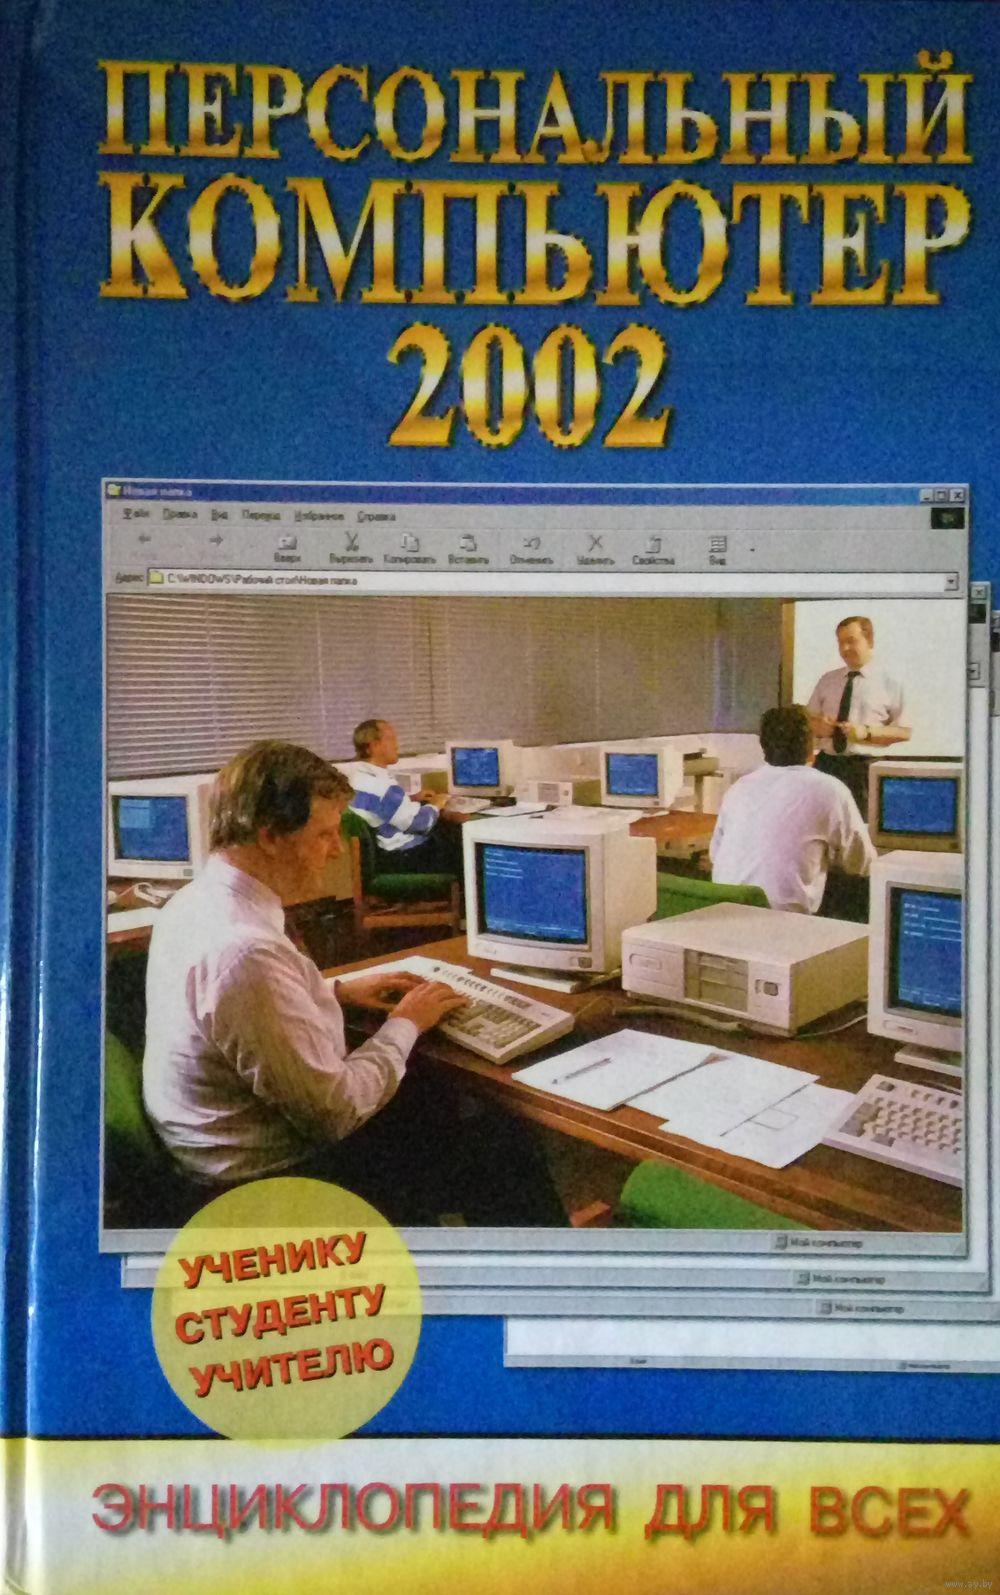 Нвейшая энциклопедия персональный компьютер 2008 год